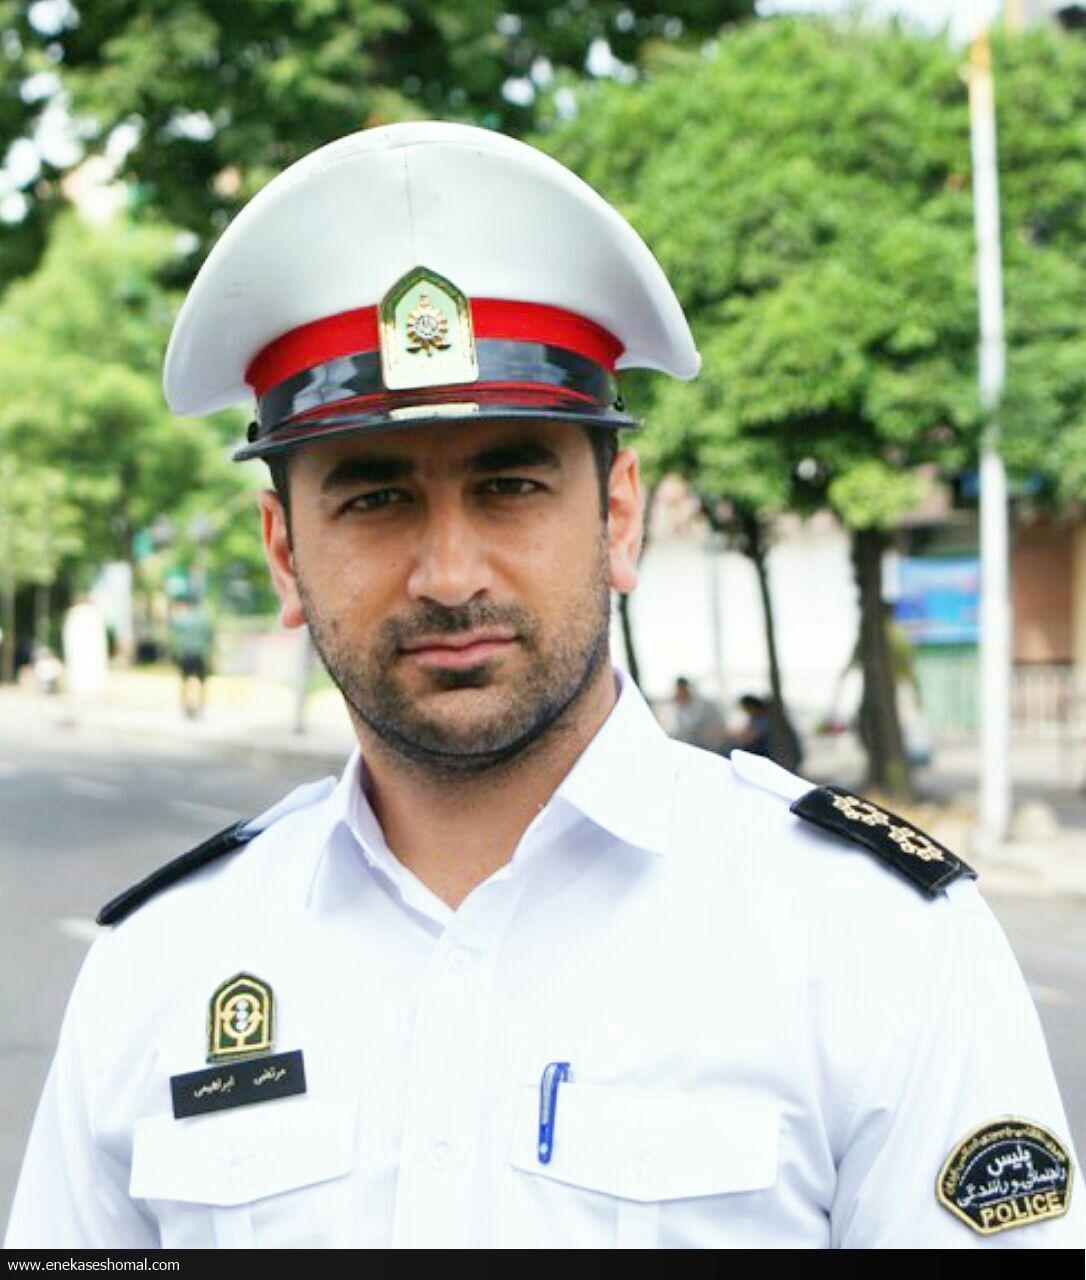 کارشناس اداره آموزش و فرهنگ ترافیک پلیس راهور استان مازندران: دانستنی های ترافیکی